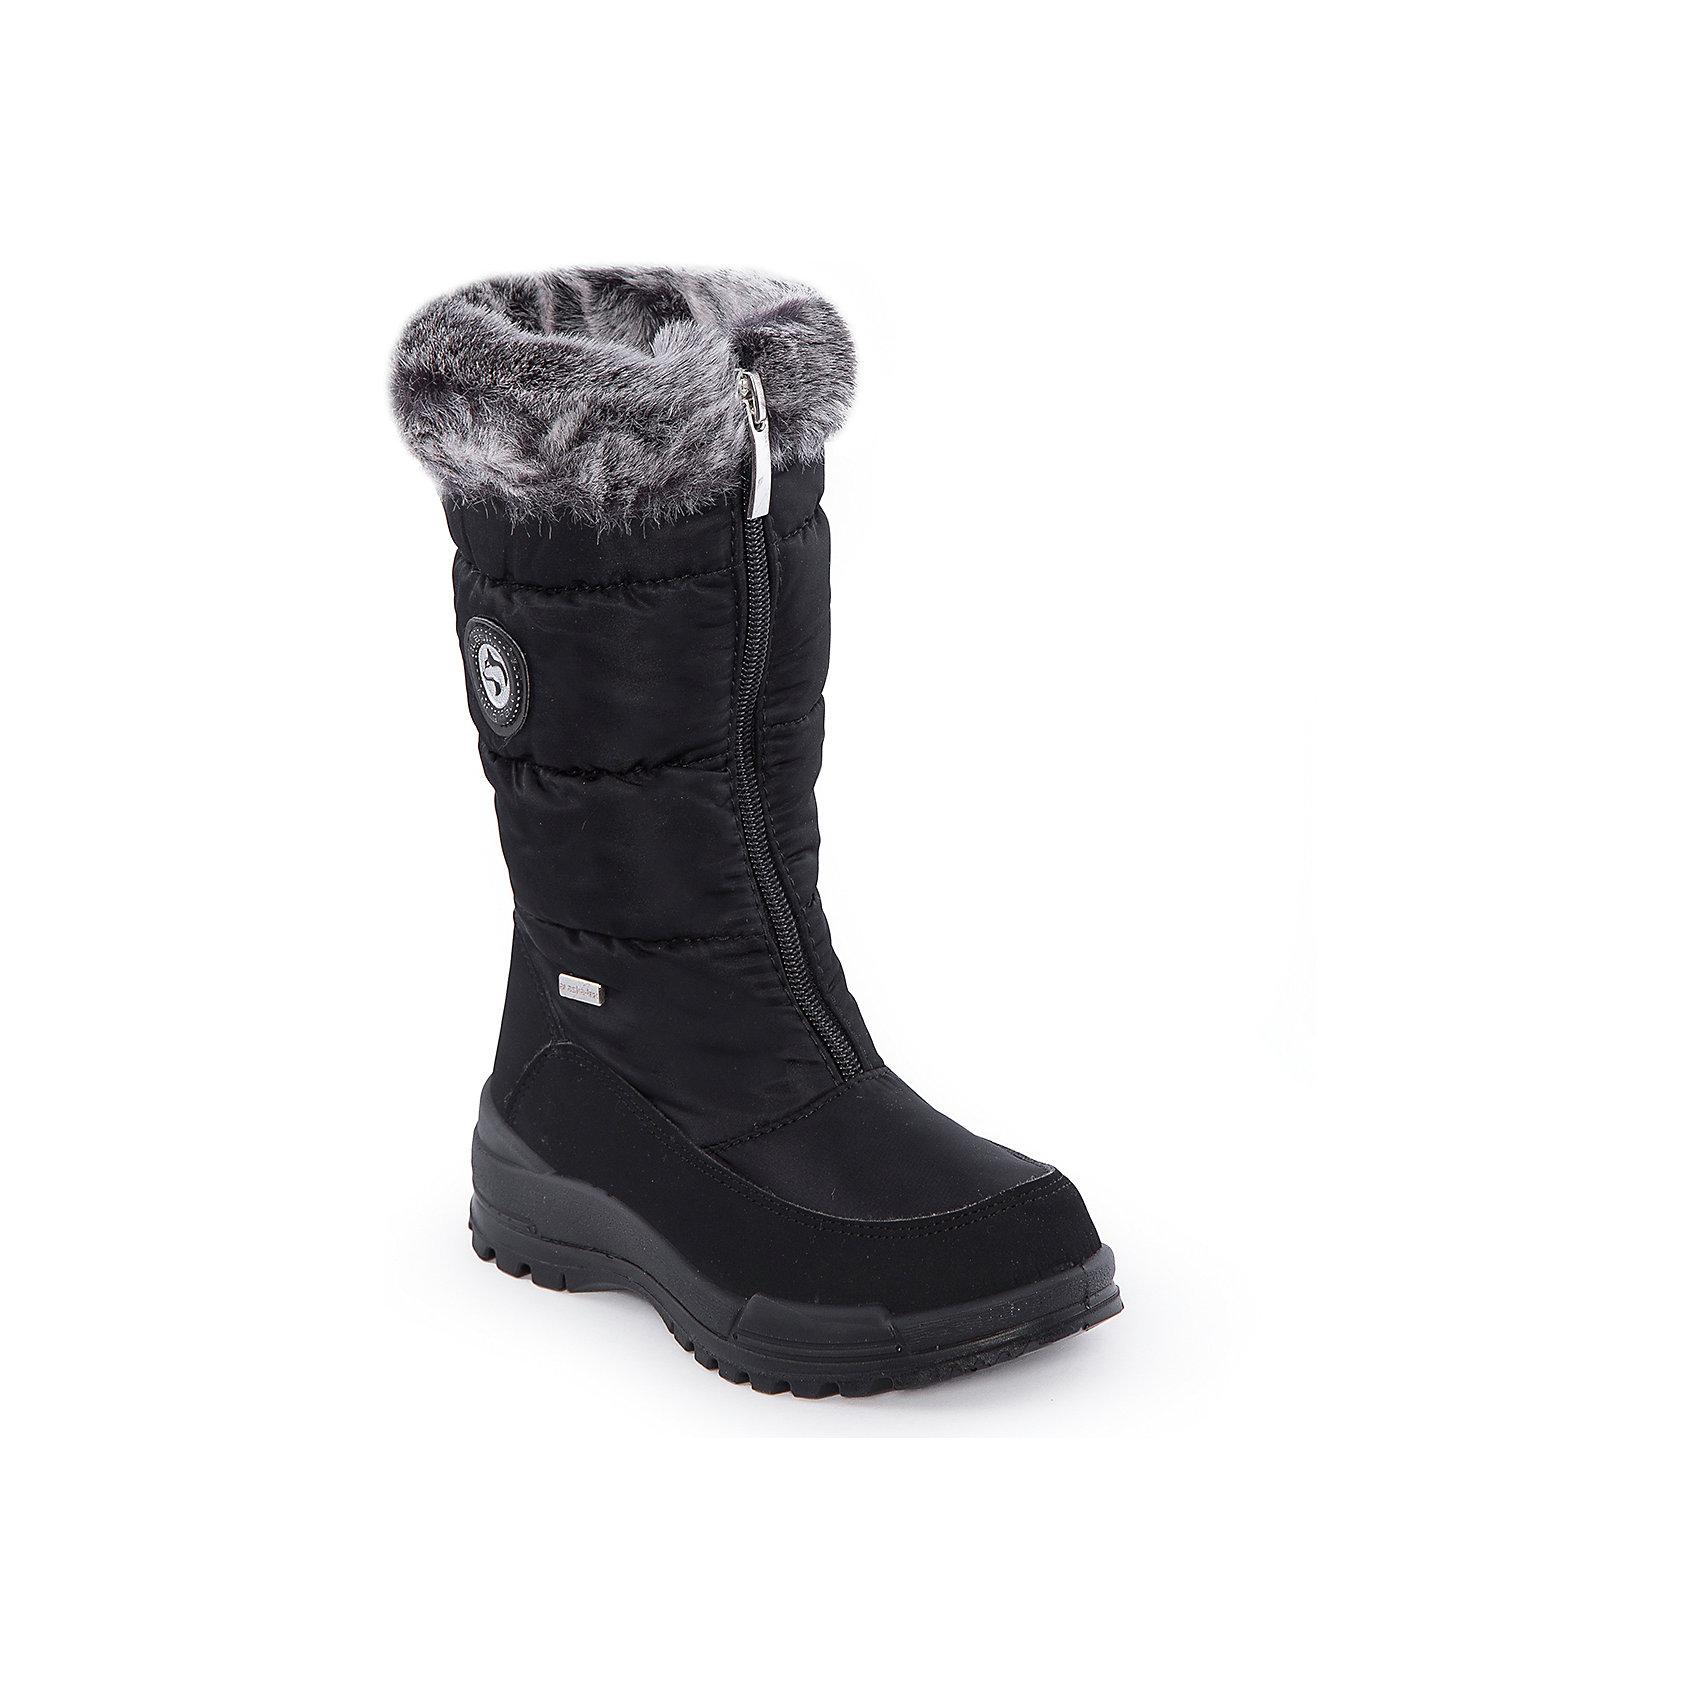 Сапоги для девочки Alaska OriginaleСапоги для девочки от известного бренда Alaska Originale <br> <br>Модные и удобные сапоги, произведенные с применением новейших технологий. Они всегда сохранят ноги в тепле и сухости. Подошва сделана по системе «ANTISLIDE», которая не скользит, не пропускает воду. Мембранный материал сапог позволяет стопе дышать, отводя лишнюю влагу. <br> <br>Особенности модели: <br> <br>- цвет: черный; <br>- стильный дизайн; <br>- удобная колодка; <br>- без каблука; <br>- защита пальцев и пятки; <br>- декорированы нашивкой и опушкой; <br>- устойчивая нескользящая подошва; <br>- застежка: молния. <br> <br>Дополнительная информация: <br> <br>Состав: <br> <br>верх – текстиль; <br>стелька - искусственный мех; <br>подошва - термопластик. <br> <br>Температурный режим: <br>от -25°С до -5°С <br> <br>Ботинки для девочки Alaska Originale (Аляска оринджинал) можно купить в нашем магазине.<br><br>Ширина мм: 257<br>Глубина мм: 180<br>Высота мм: 130<br>Вес г: 420<br>Цвет: черный<br>Возраст от месяцев: 48<br>Возраст до месяцев: 60<br>Пол: Женский<br>Возраст: Детский<br>Размер: 28,33,29,30,31,32<br>SKU: 4399160